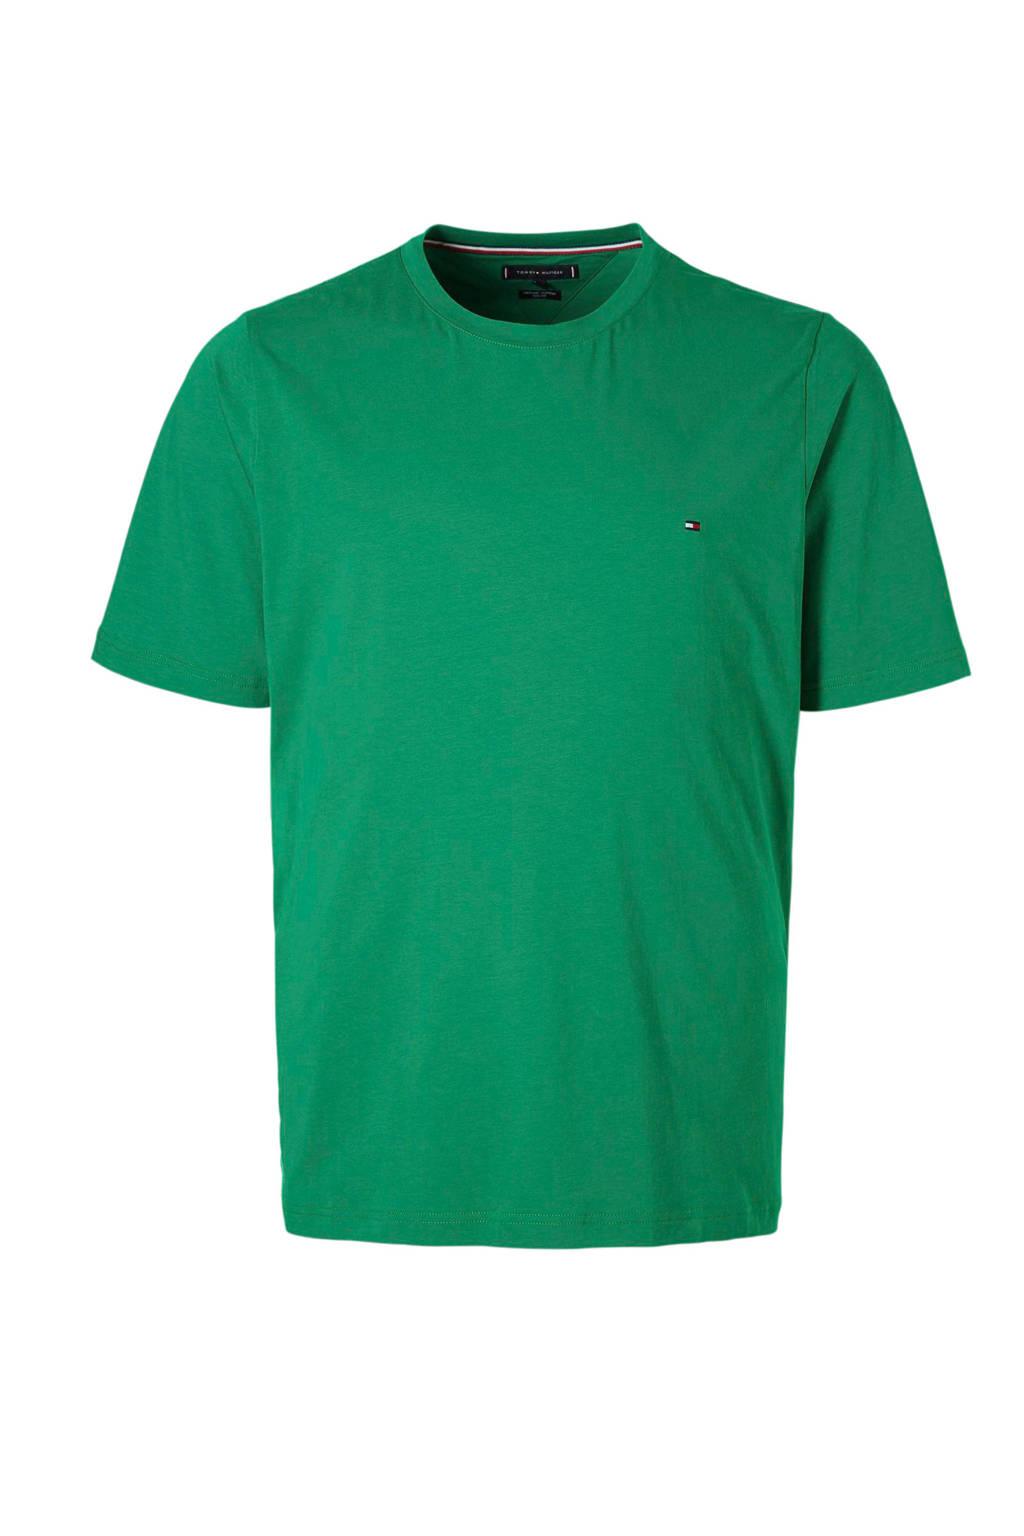 Tommy Hilfiger Big & Tall +size T-shirt met logo, Groen